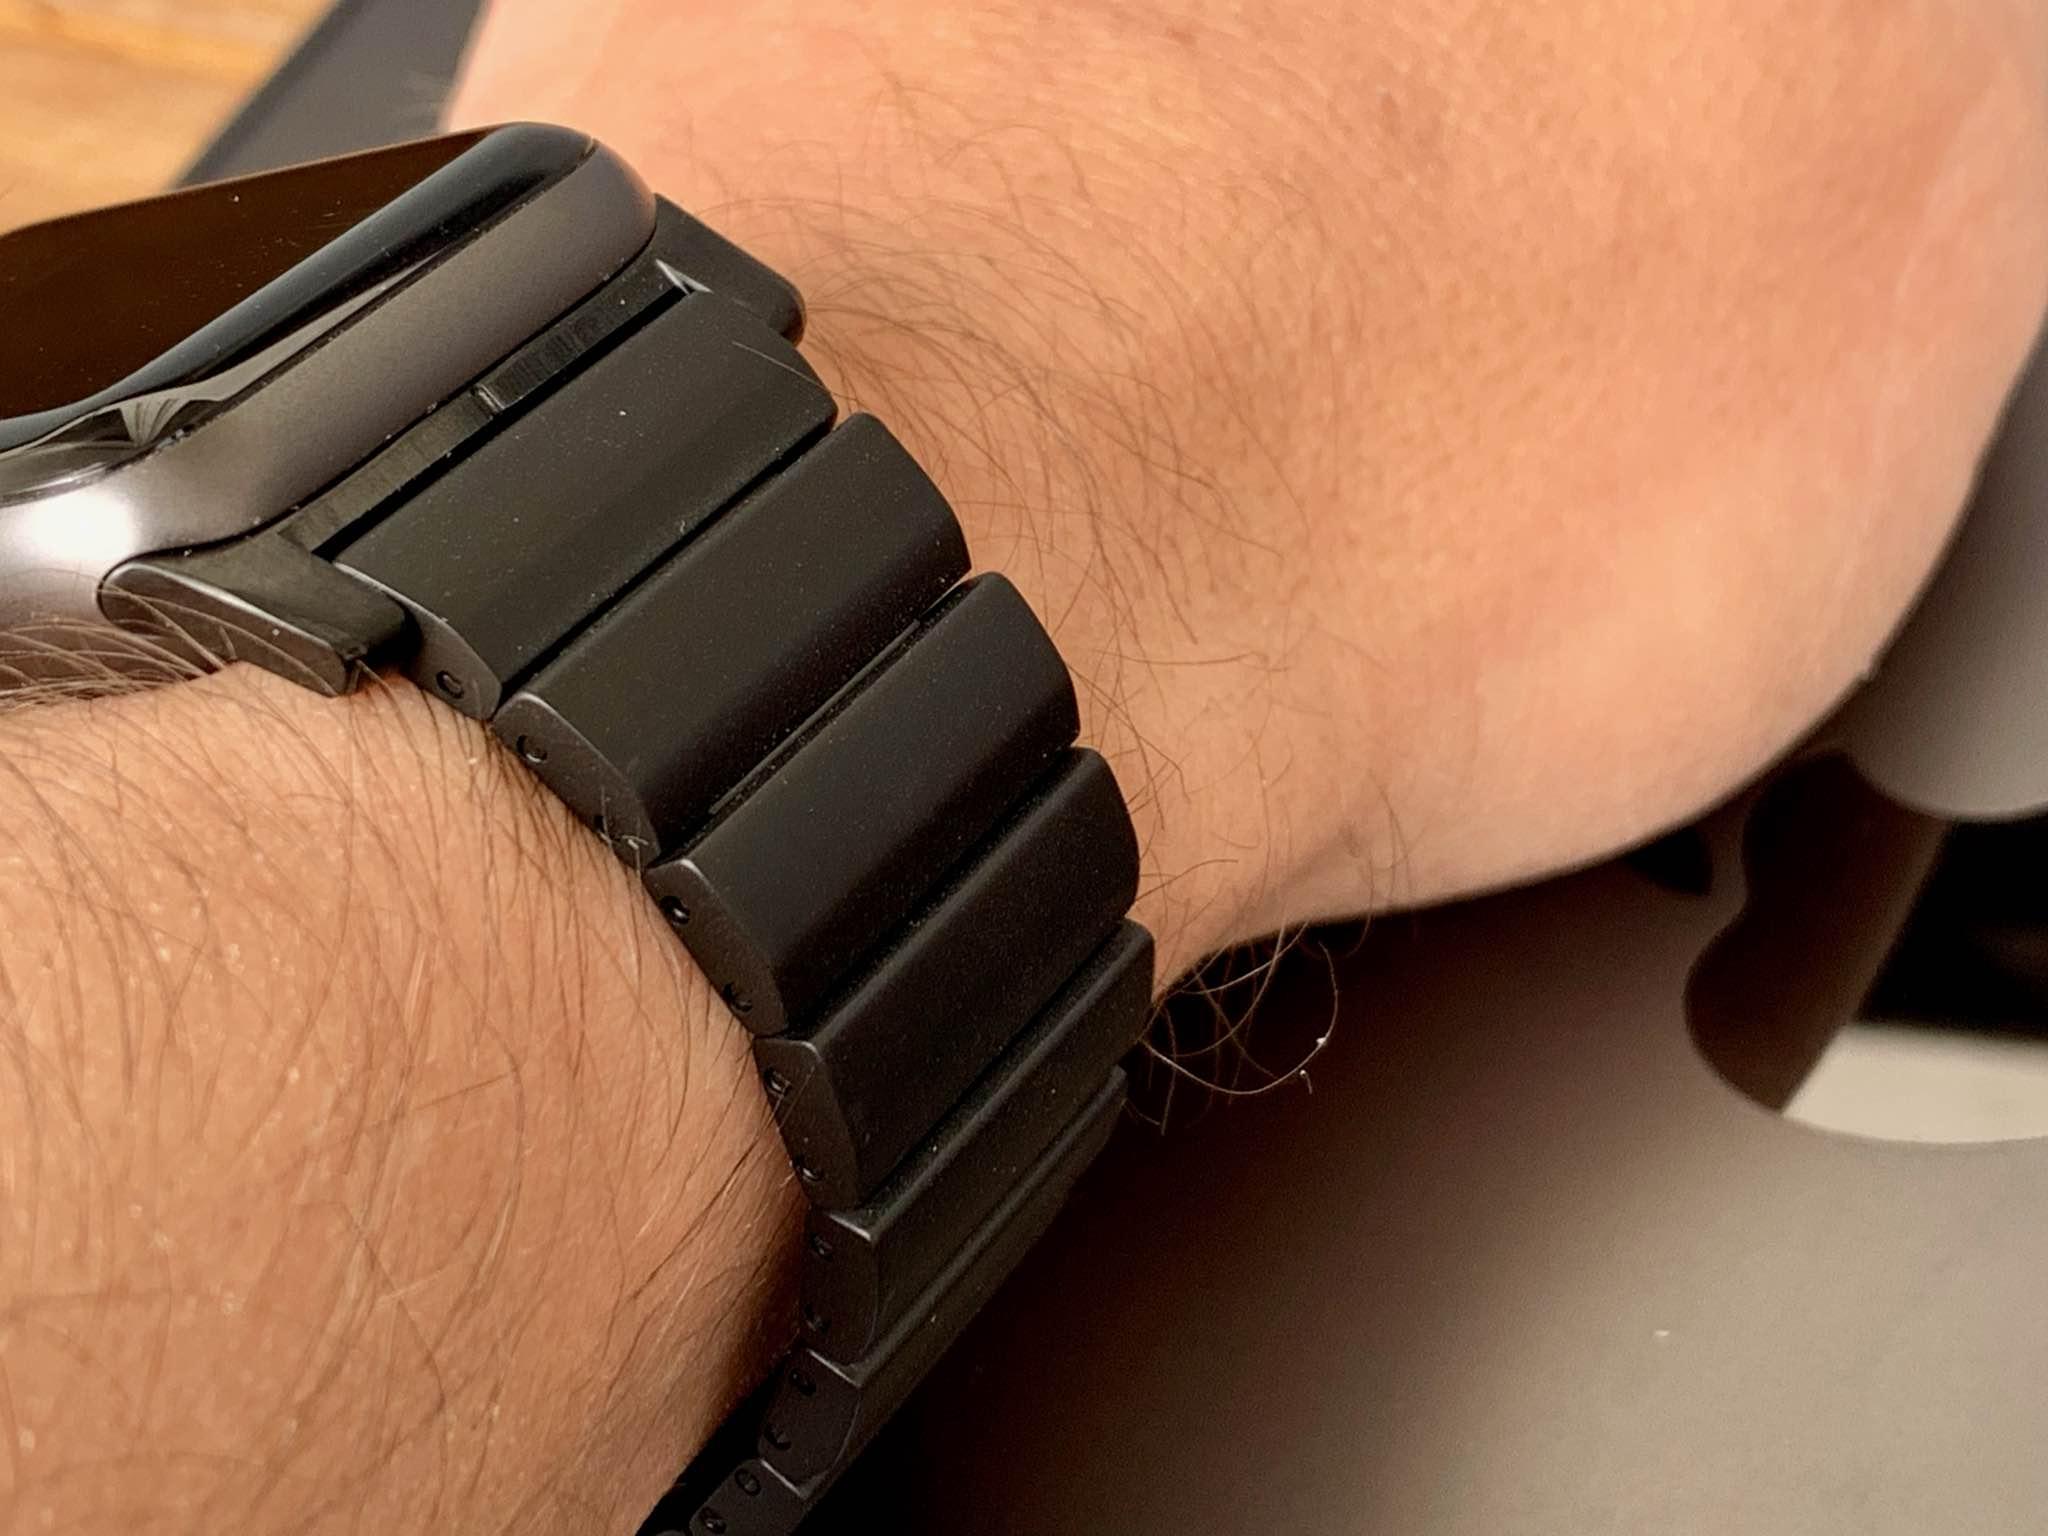 Precision craftsmanship results in a high-end metal bracelet.